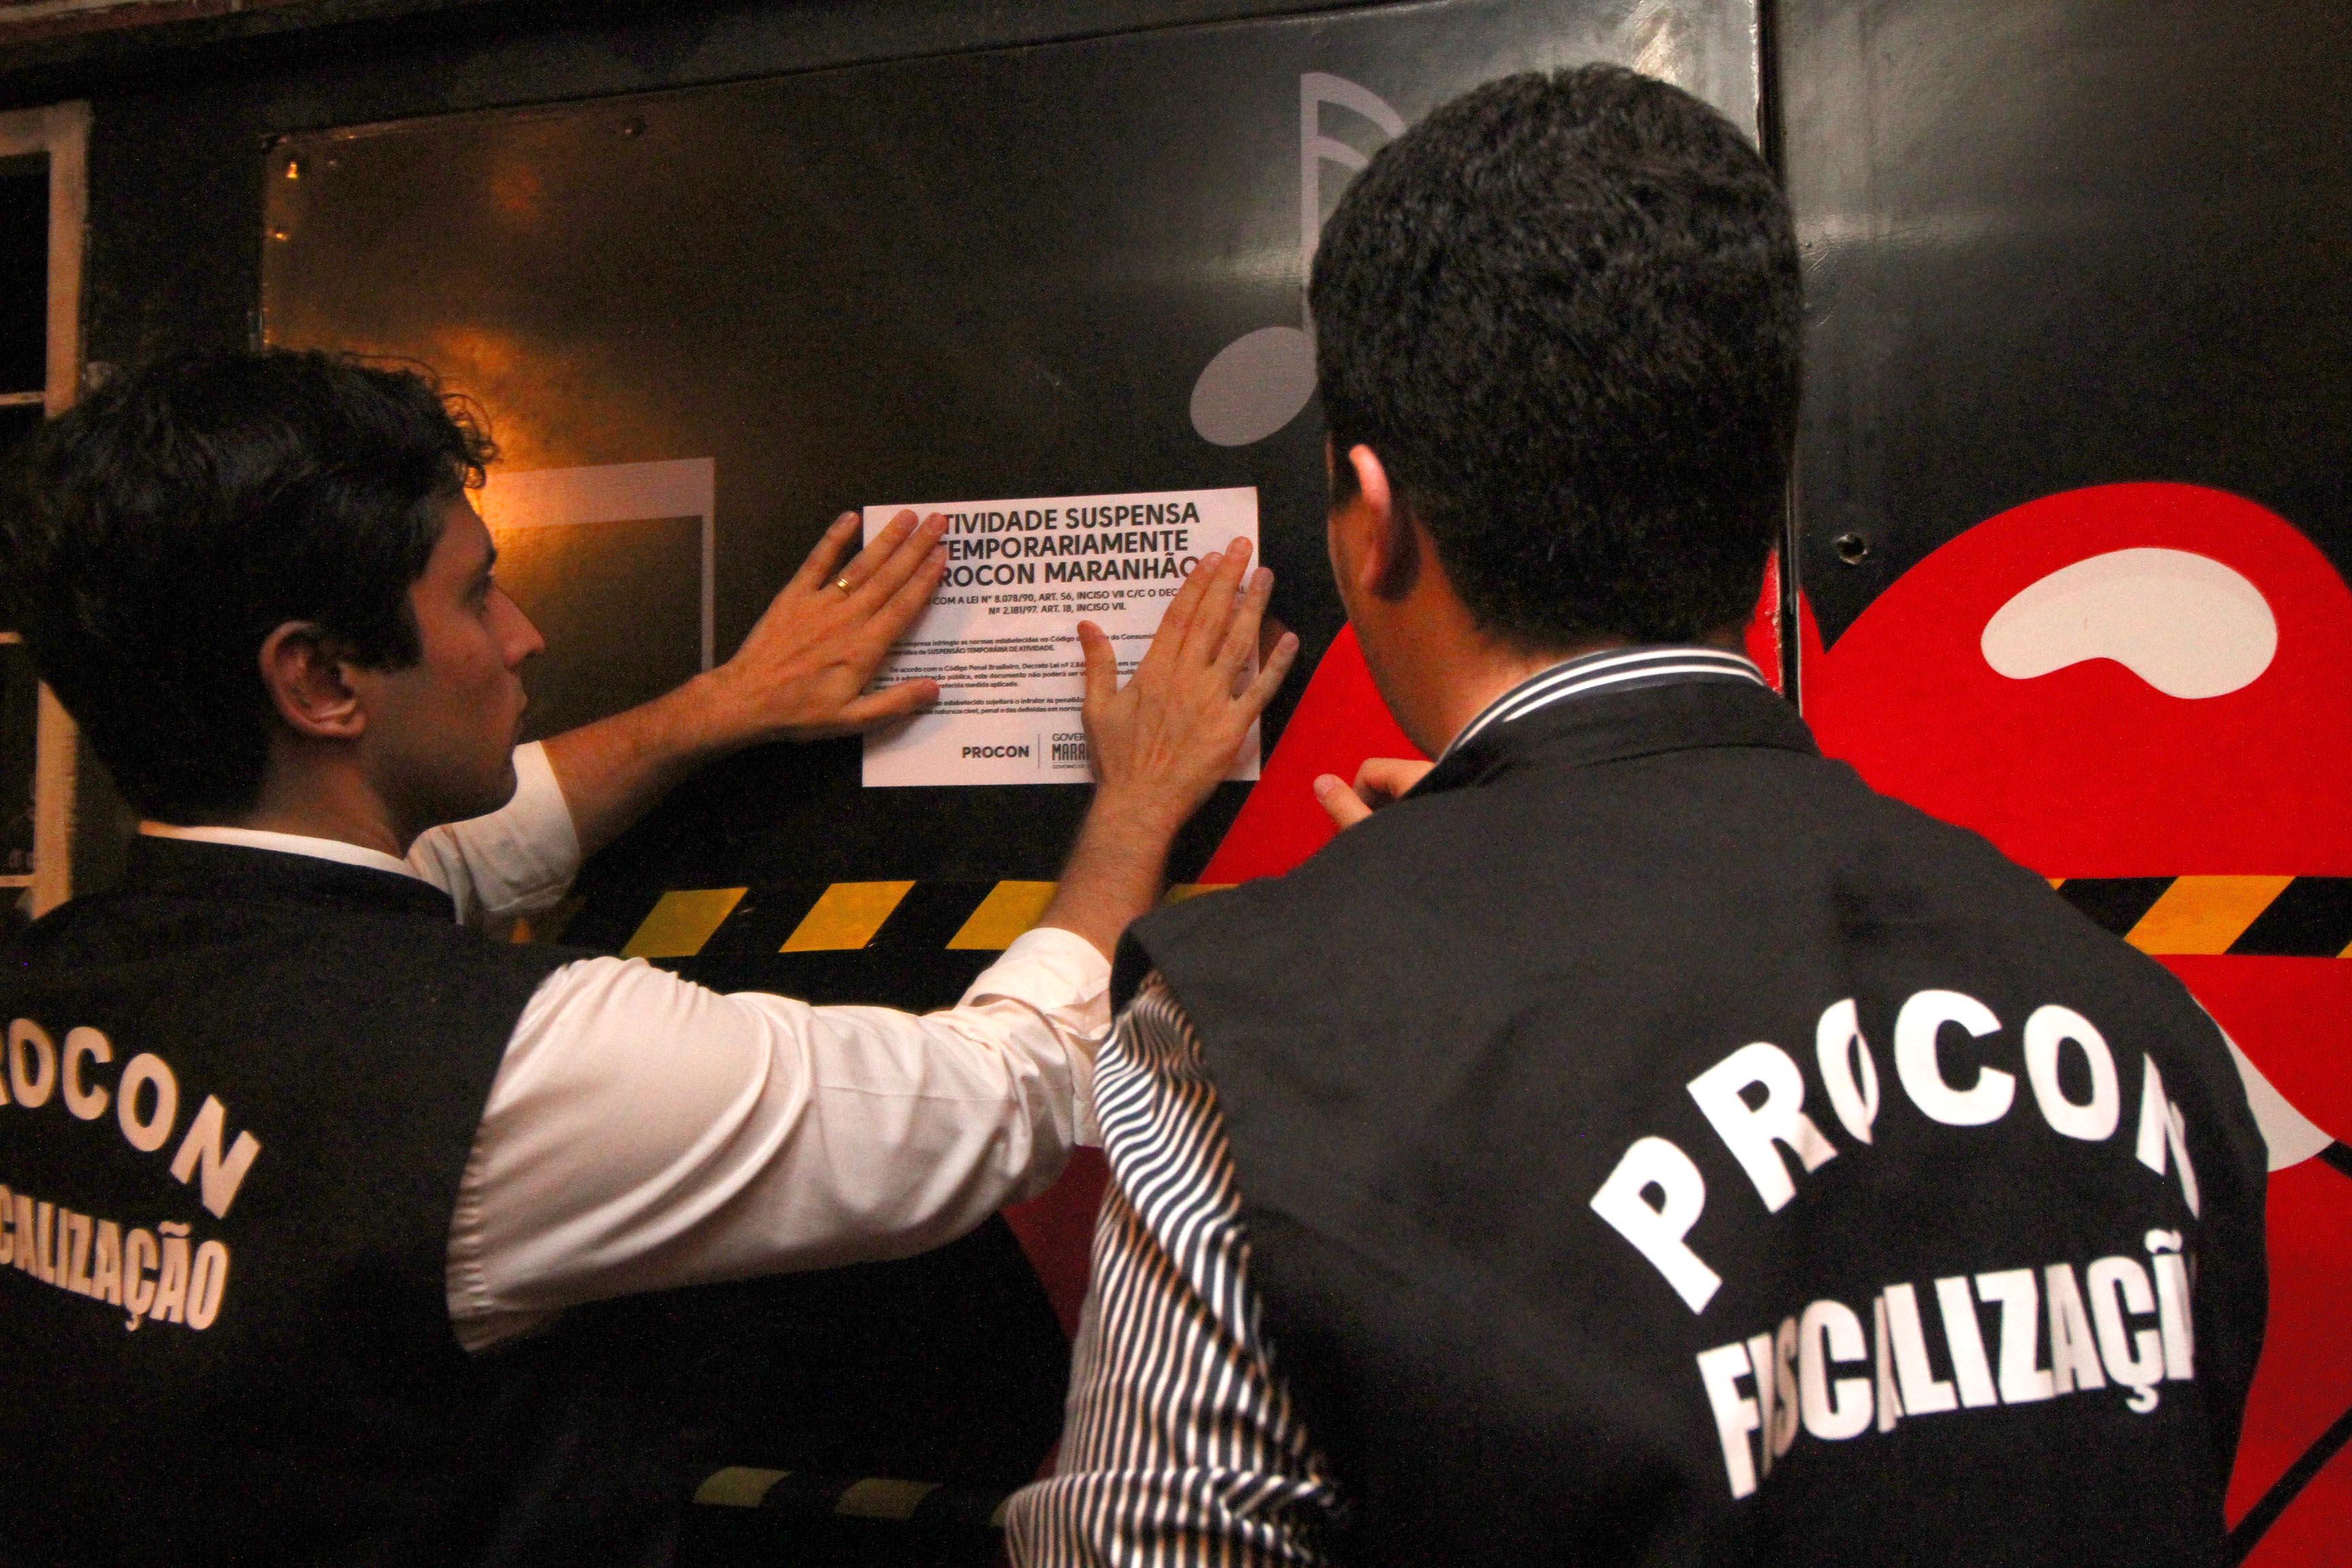 Procon interdita casa de Amisterdam foto Gilson Teixeira (3)